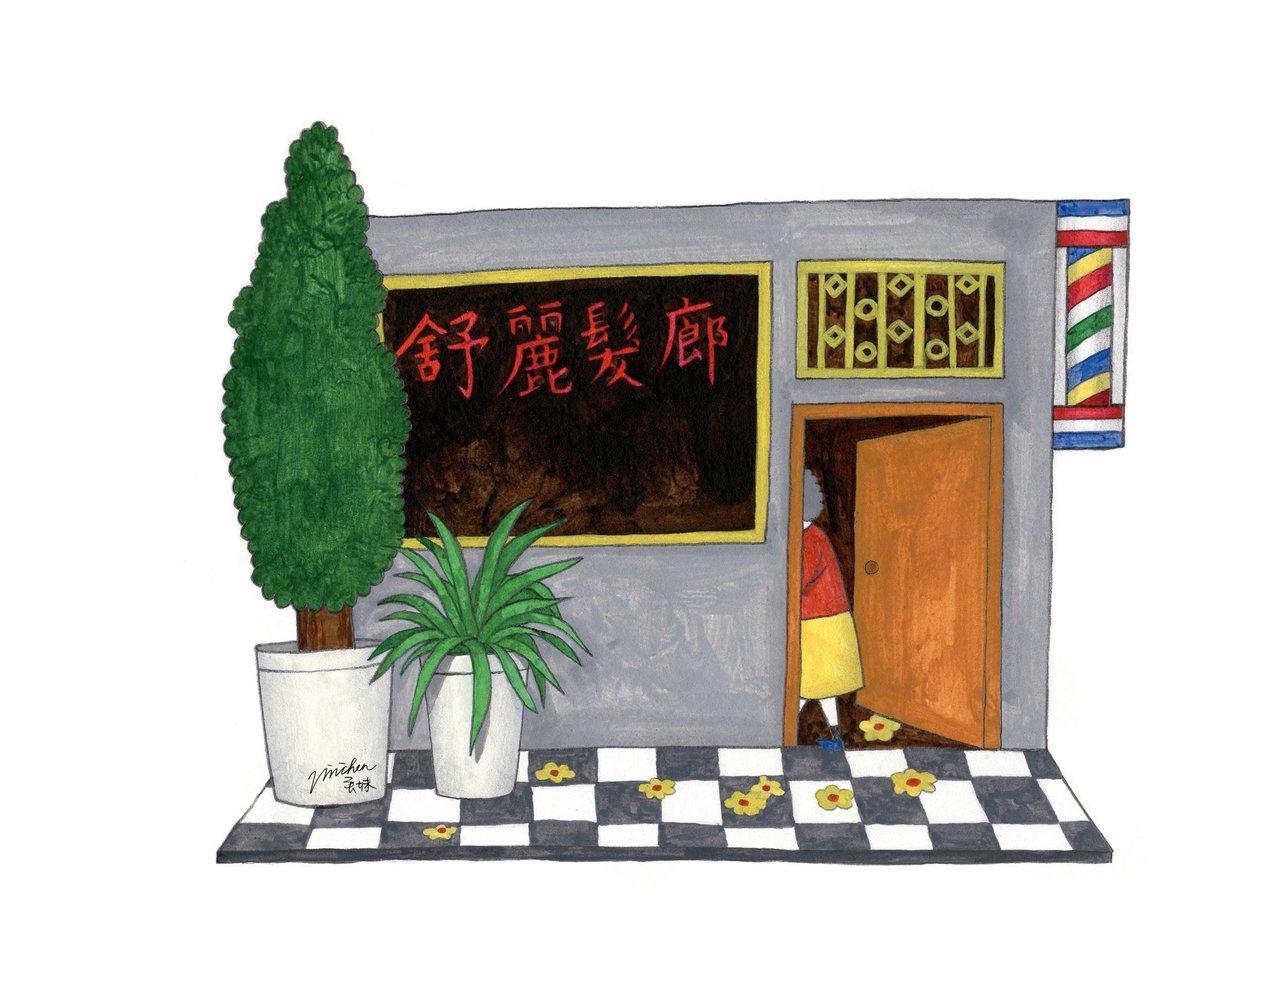 街頭風景舒麗髮廊 圖/蛋妹